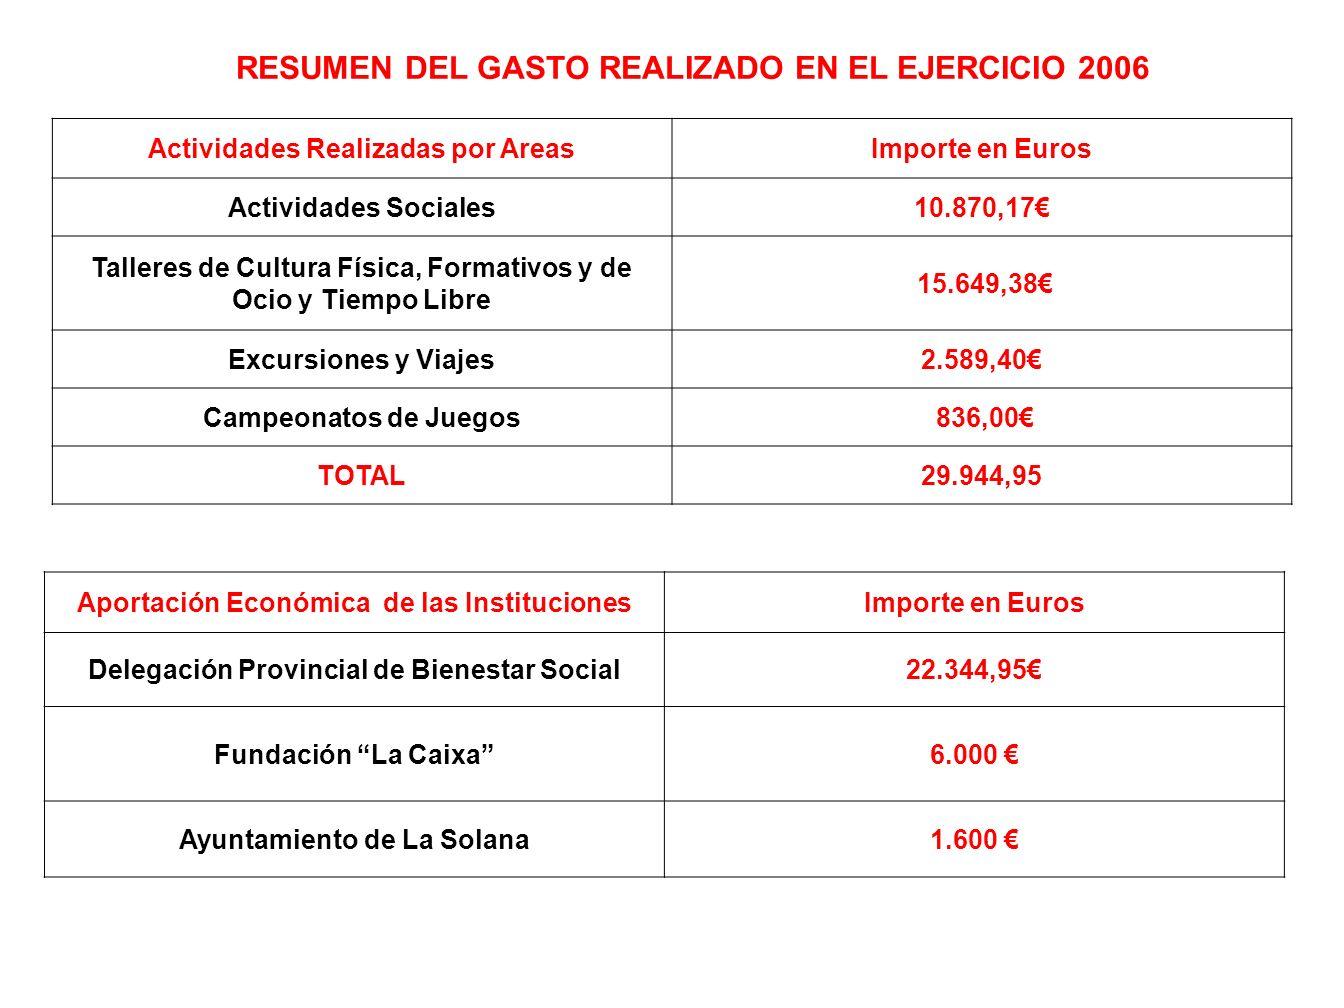 CAMPEONATOS DE JUEGOS MODALIDADES DE JUEGONº DE PARTICIPANTES PERIODO DE CELEBRACIÓN OBSERVACIONES Tute, Truque de Espadas y Bastos, Cinquillo, Dominó